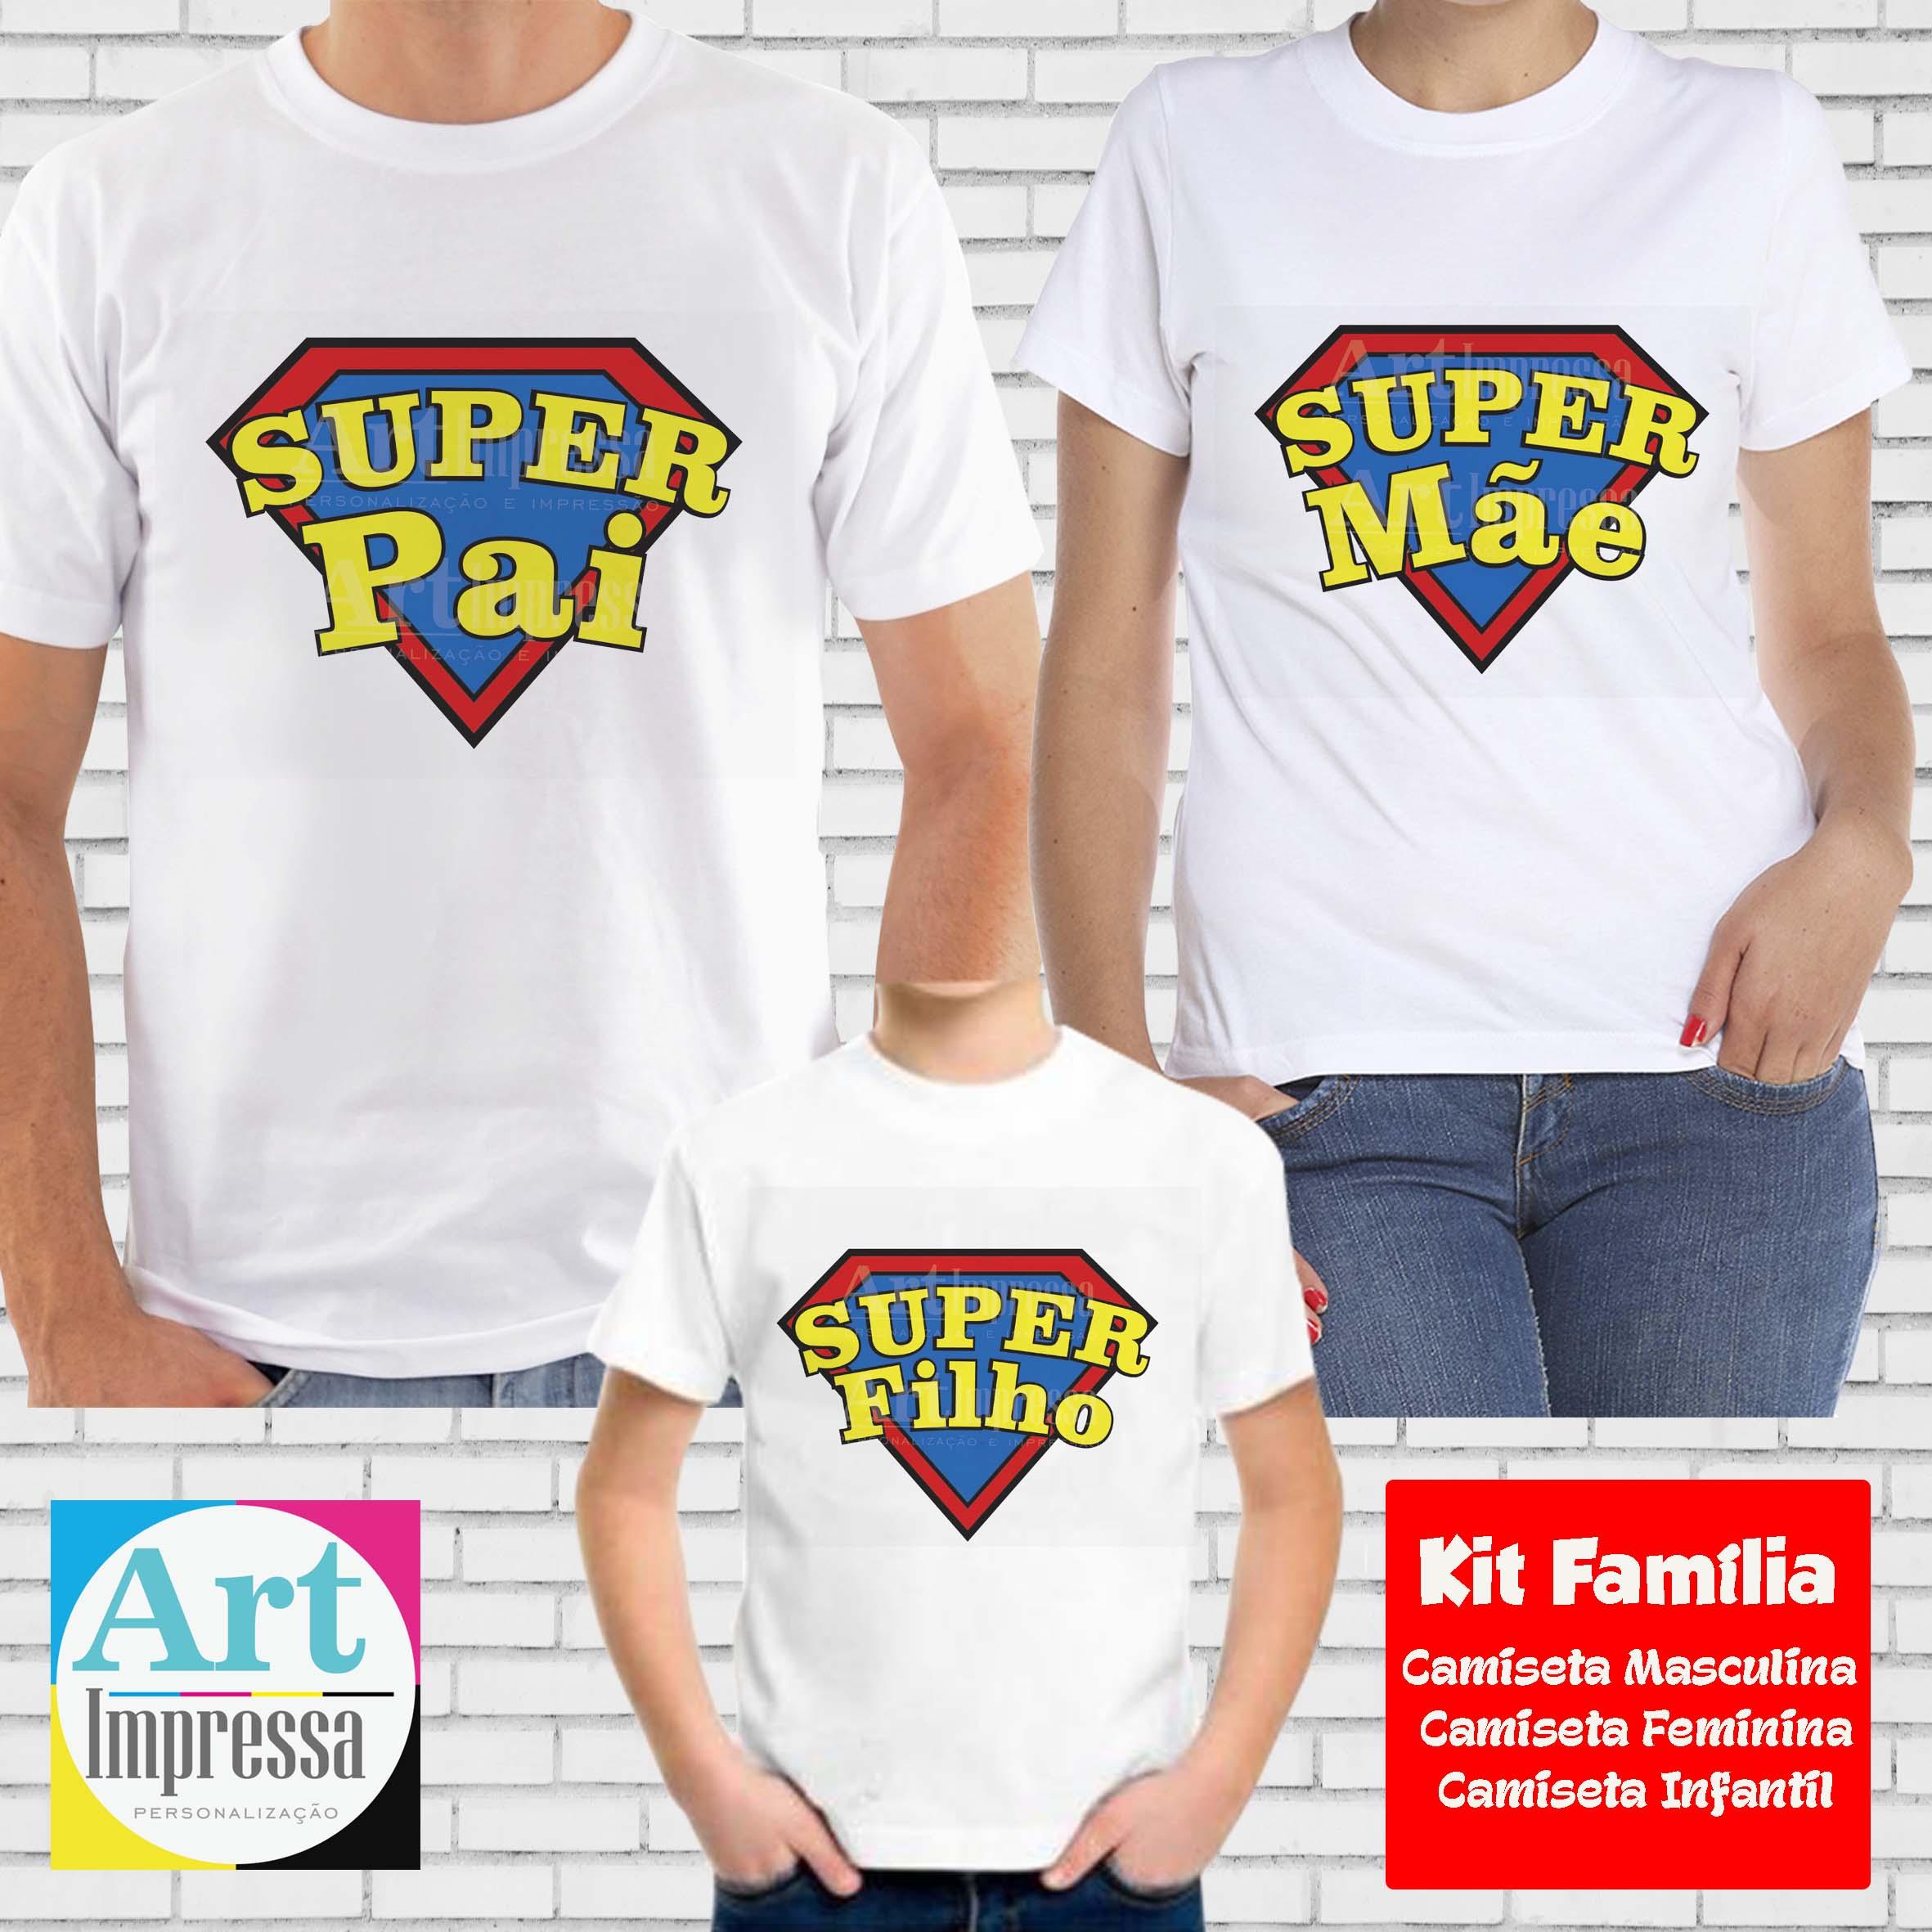 Kit Familia Toda Camisetas Herois  23f9970033c